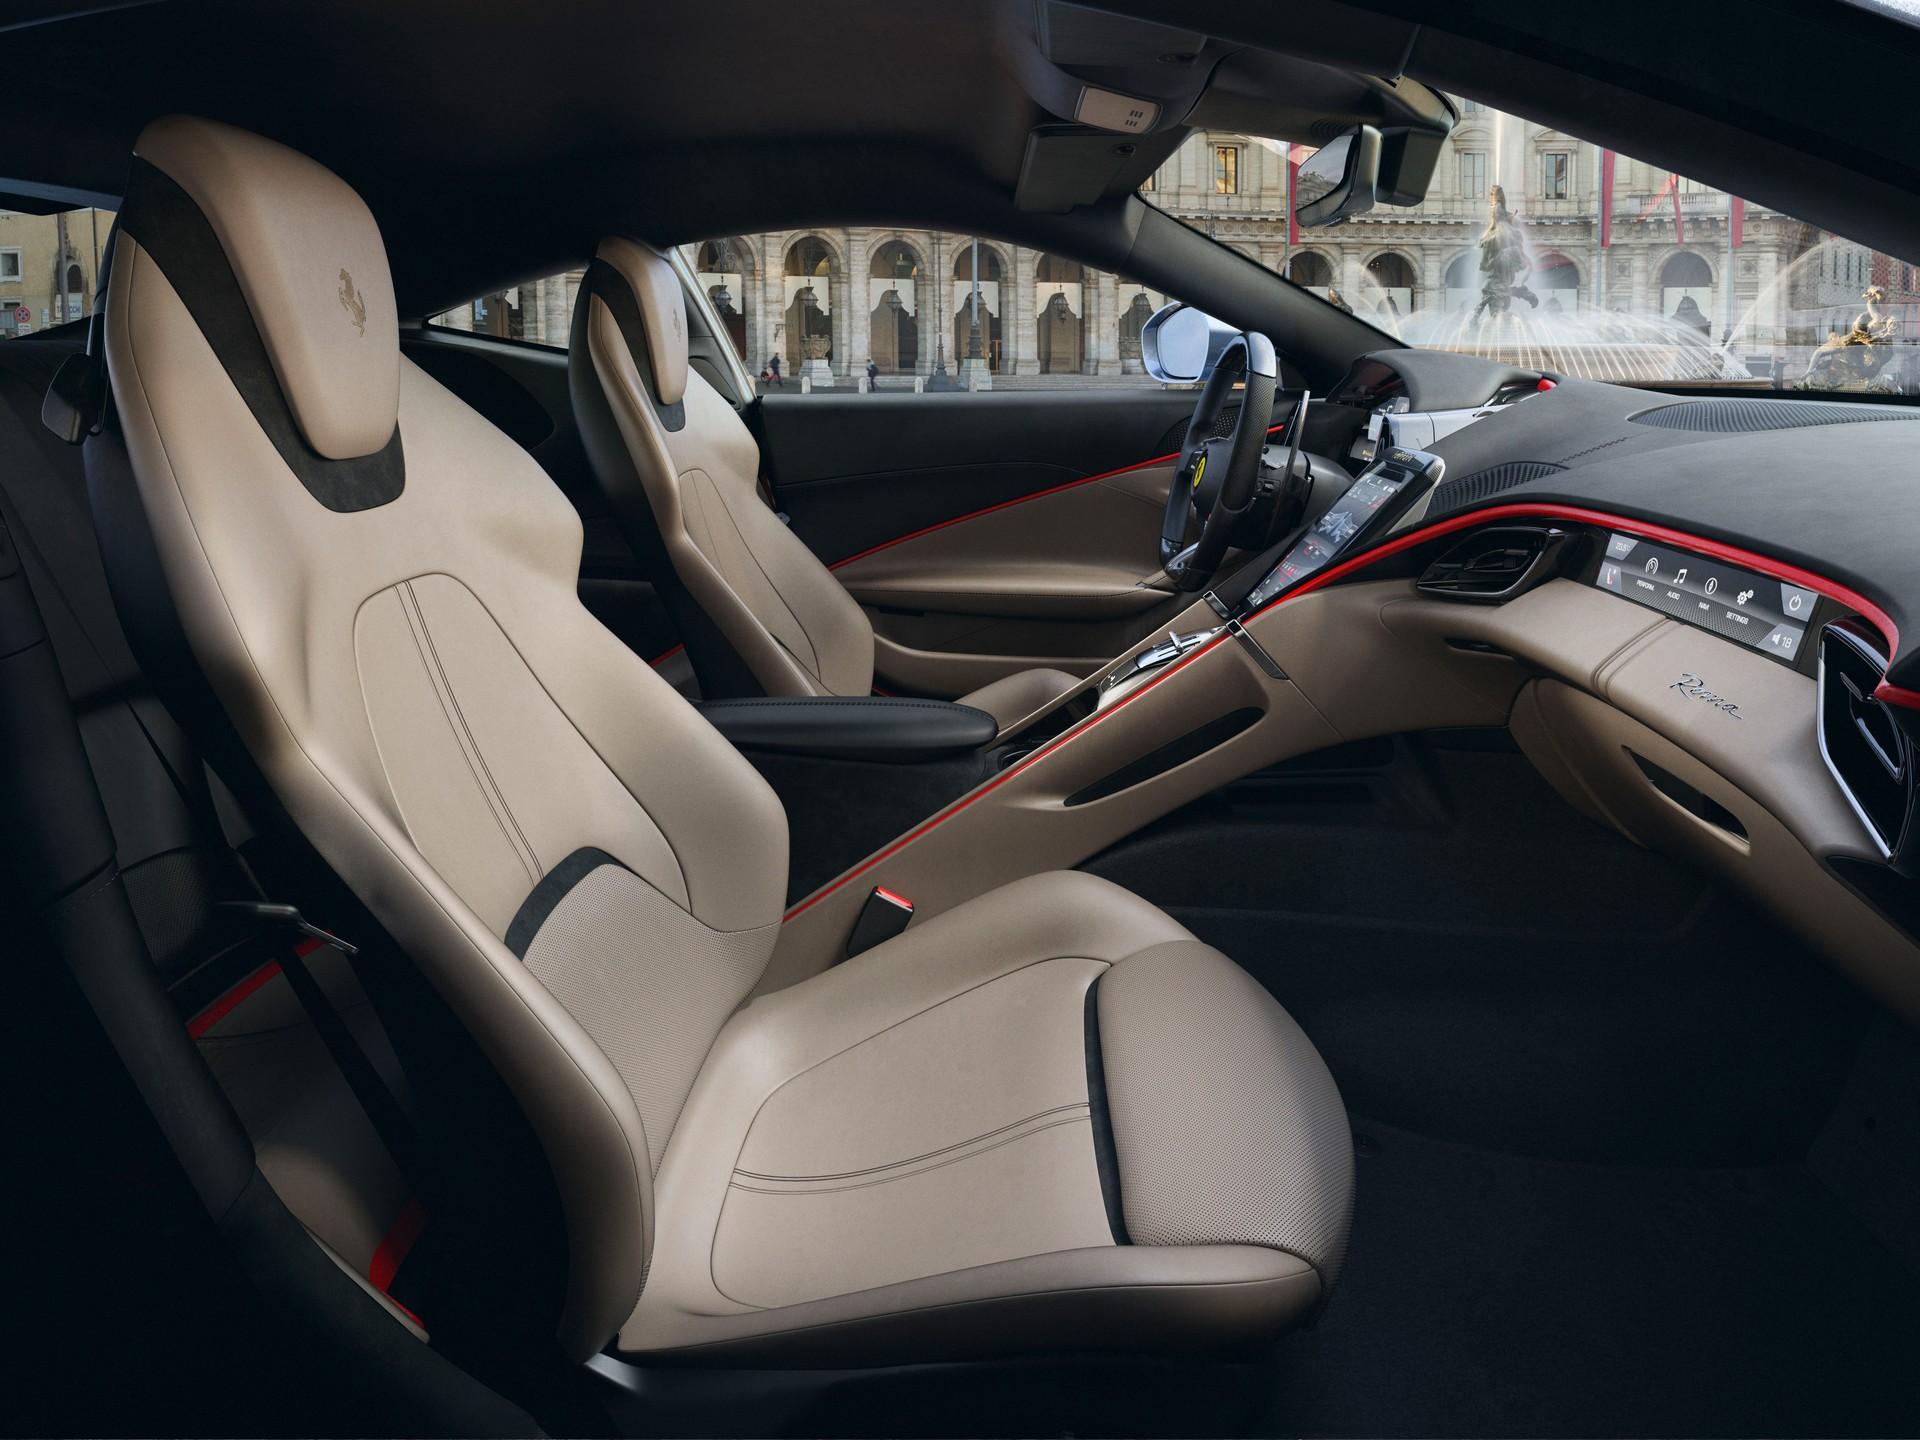 Ferrari công bố chi tiết siêu xe Grand Tourer Roma 612 HP mới - 3